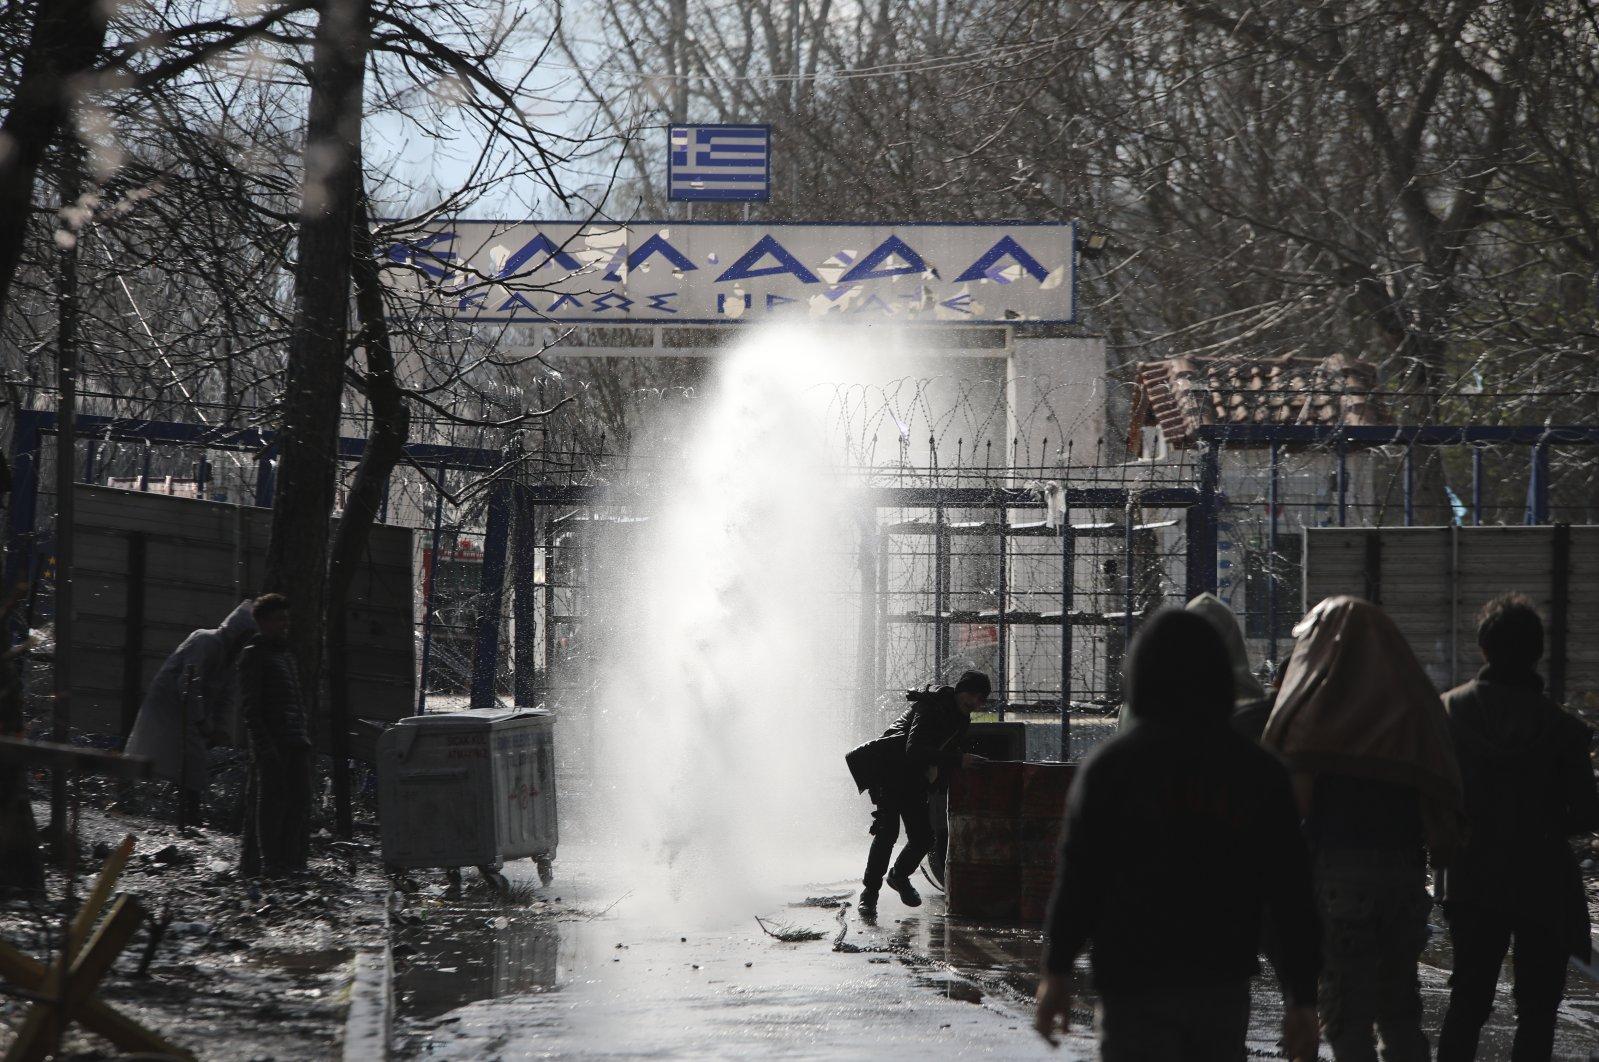 Griechische Sicherheitskräfte setzen Tränengas gegen Migranten an der türkisch-griechischen Grenze in Pazarkule, Region Edirne, Türkei, 11. März 2020 ein. (AP Photo)